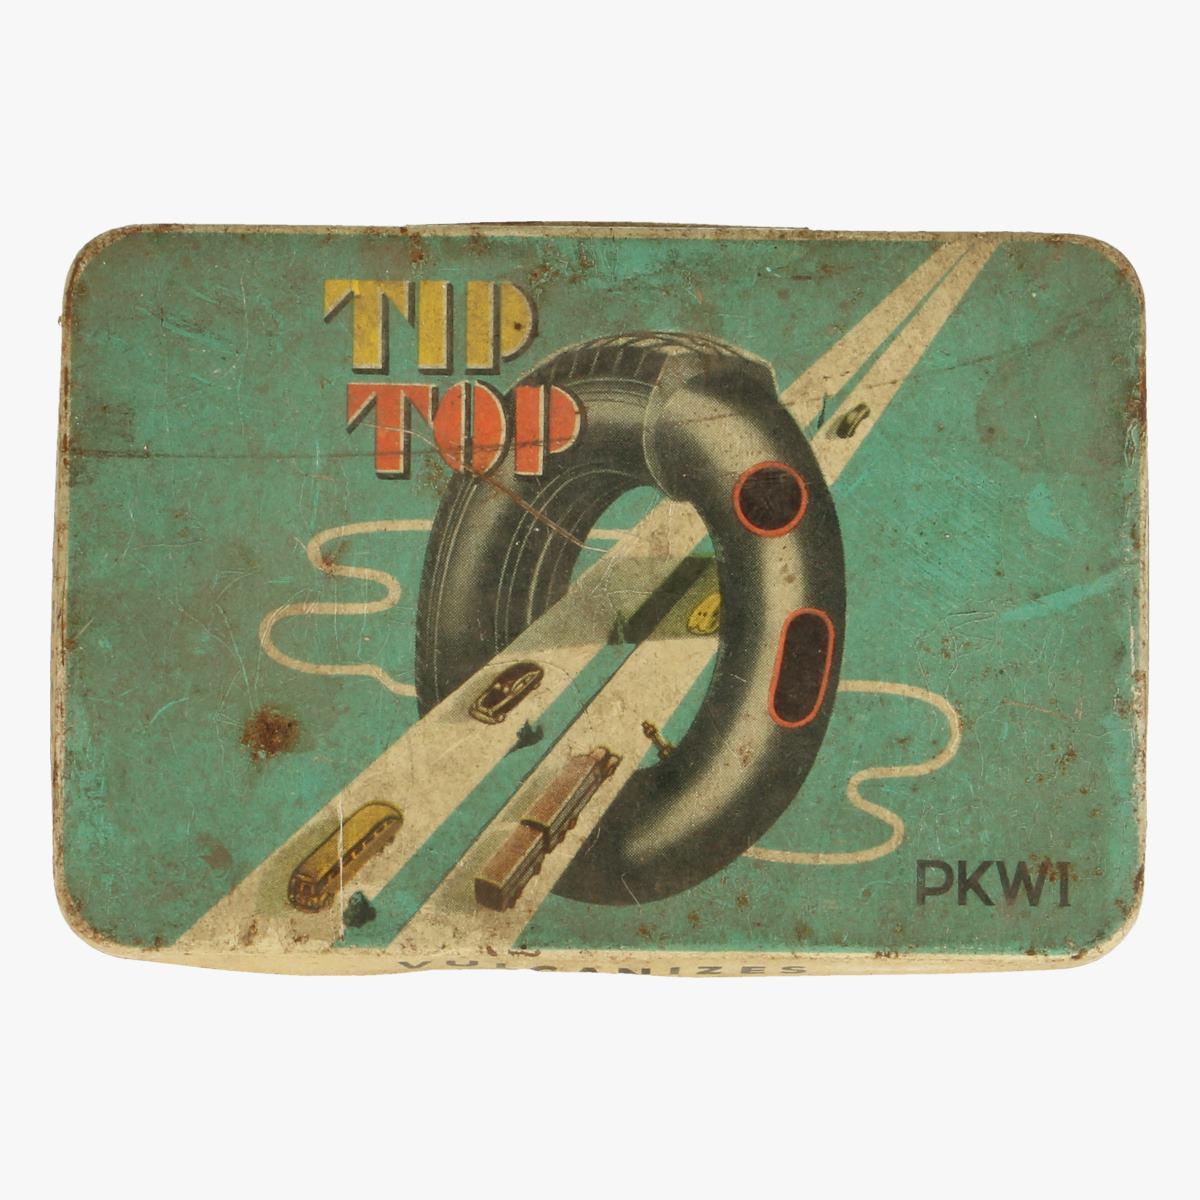 Afbeeldingen van blikken doosje tip top pkwi